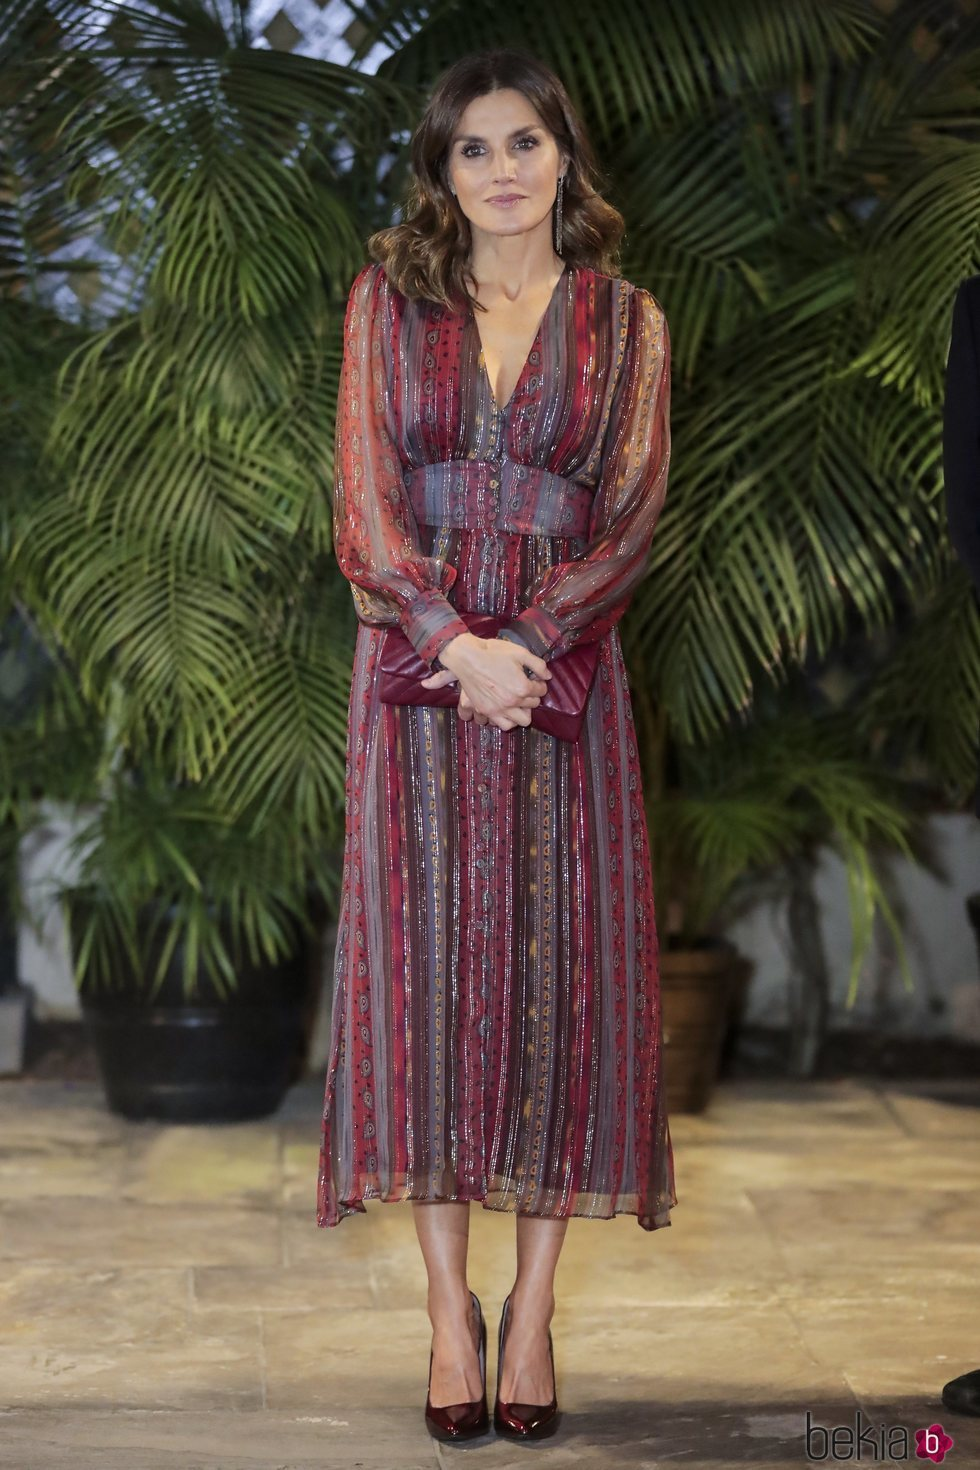 La Reina Letizia en la Embajada de España en Perú